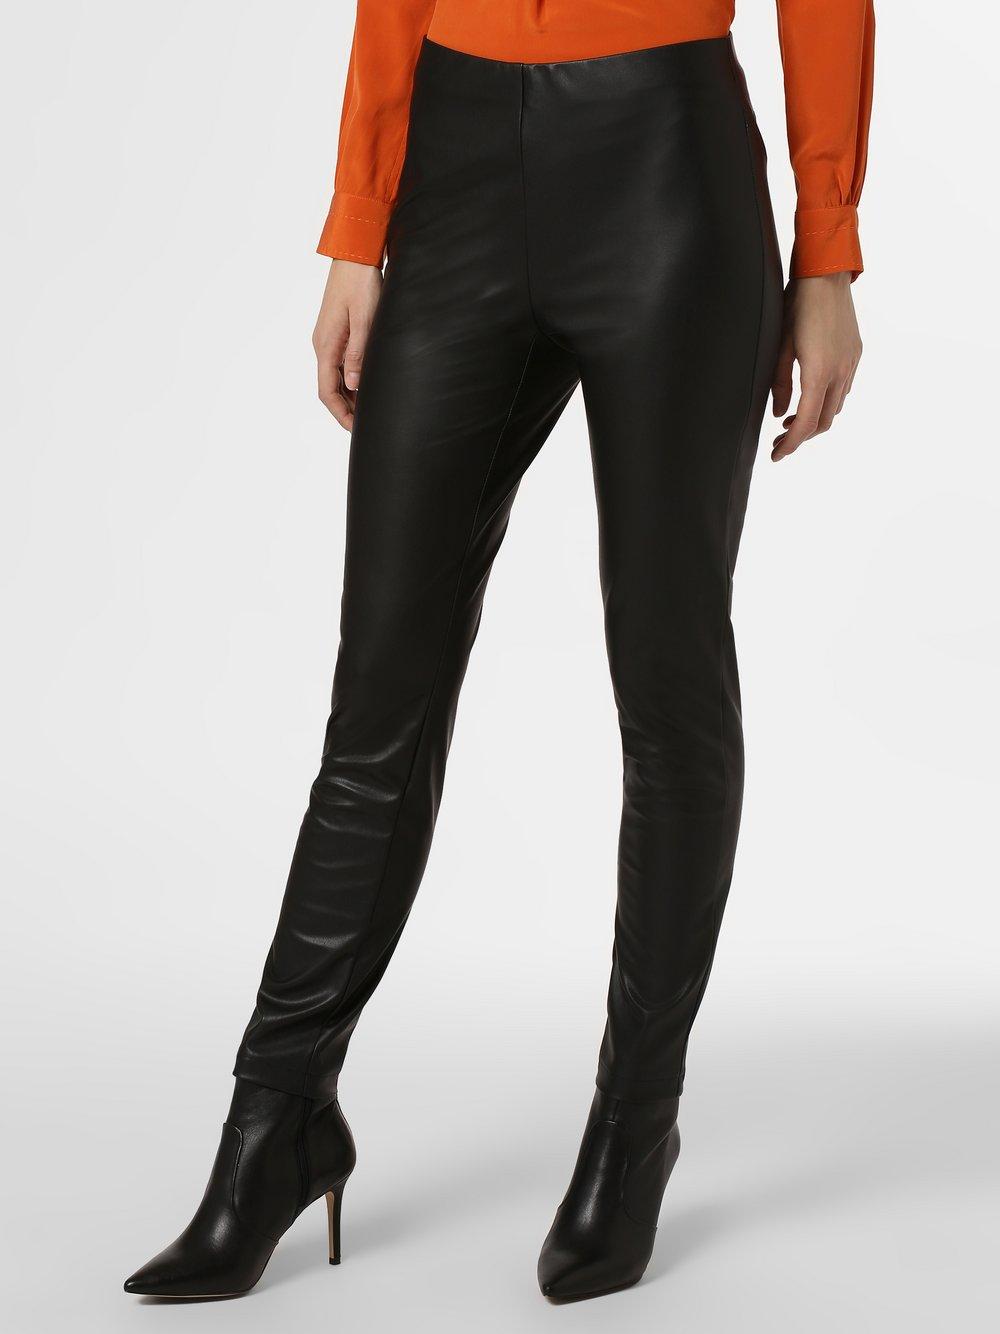 RAFFAELLO ROSSI - Spodnie damskie – Resa, czarny